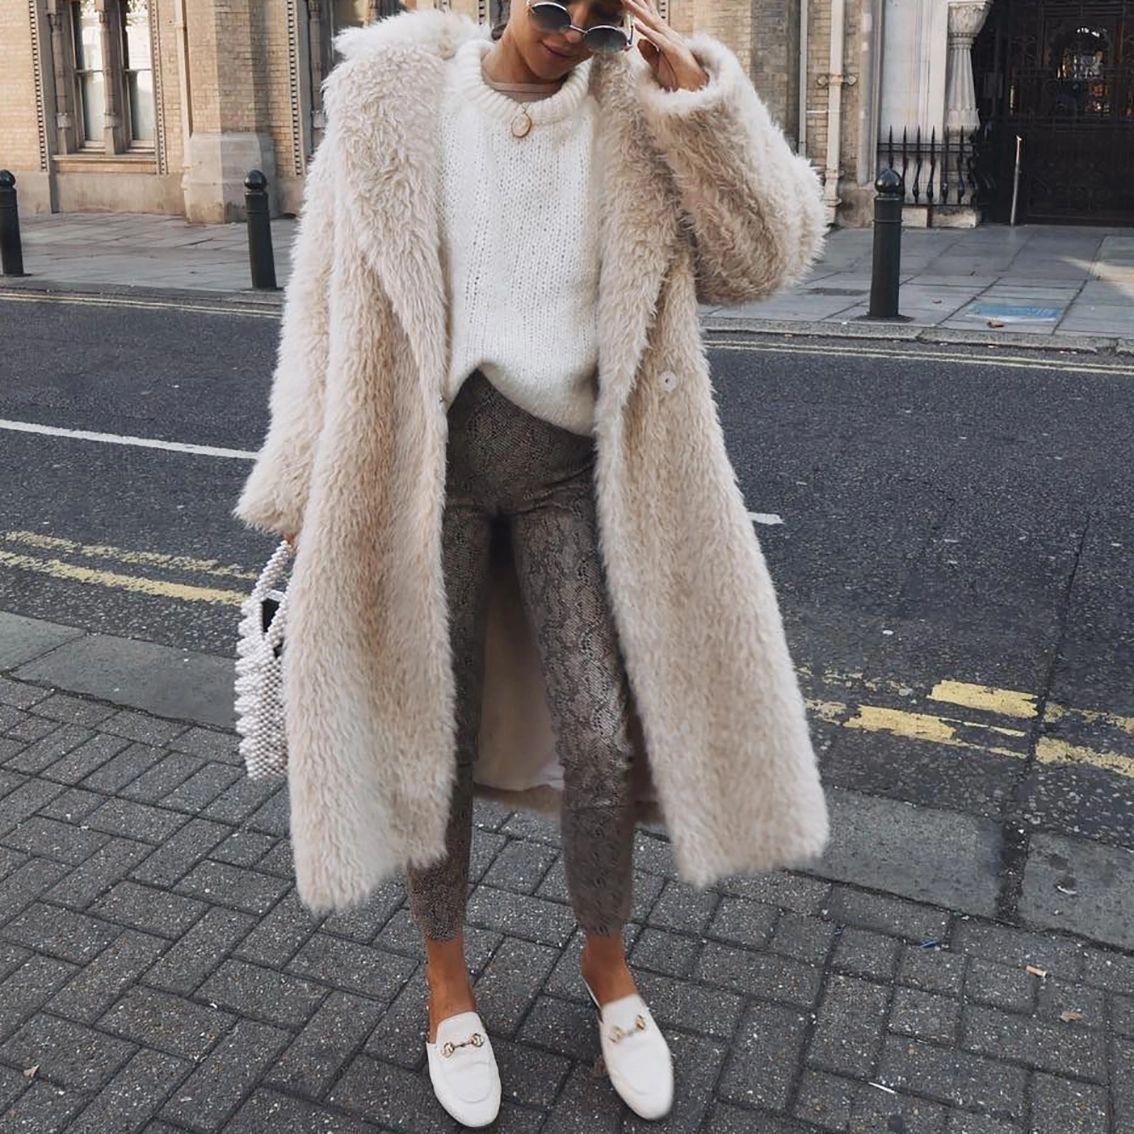 Tasarımcı Bayan Palto 2020 Yeni Marka Triko Bayan Moda Pamuk Palto Ekleme kadife astar Bayan Dış Giyim Boyut S-3XL Toptan Satış